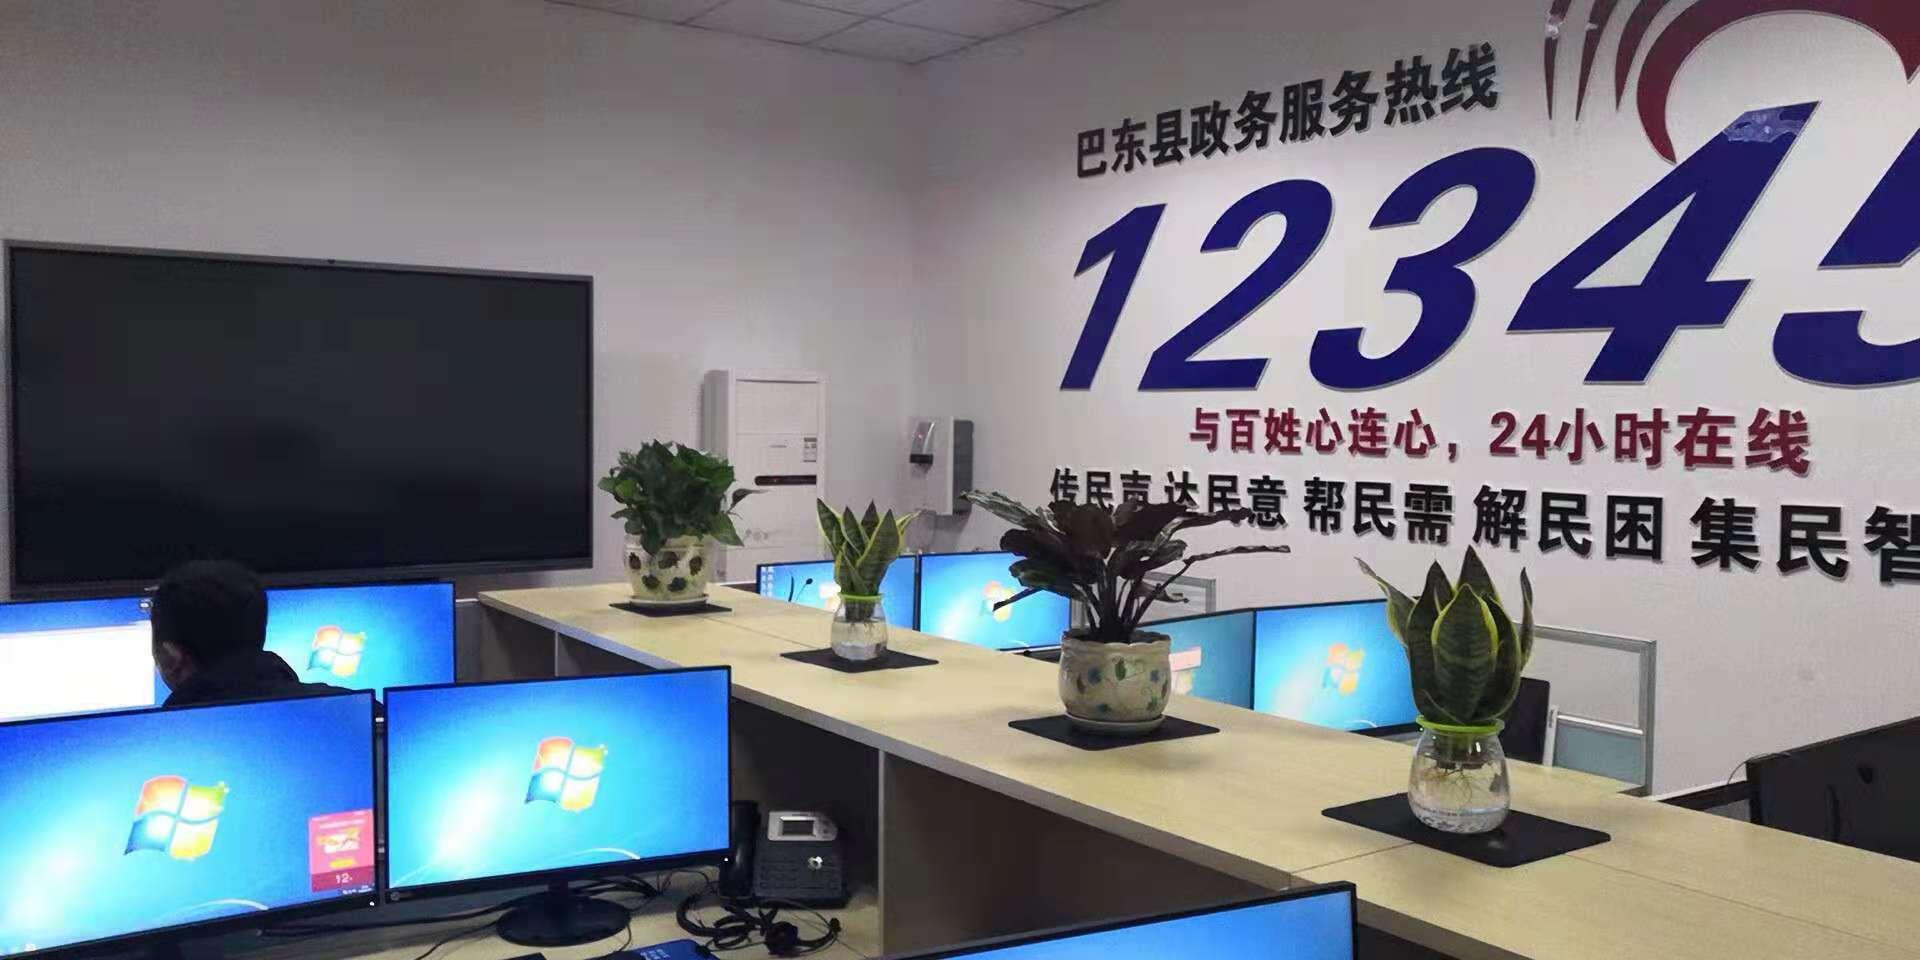 湖北巴东县1234热线